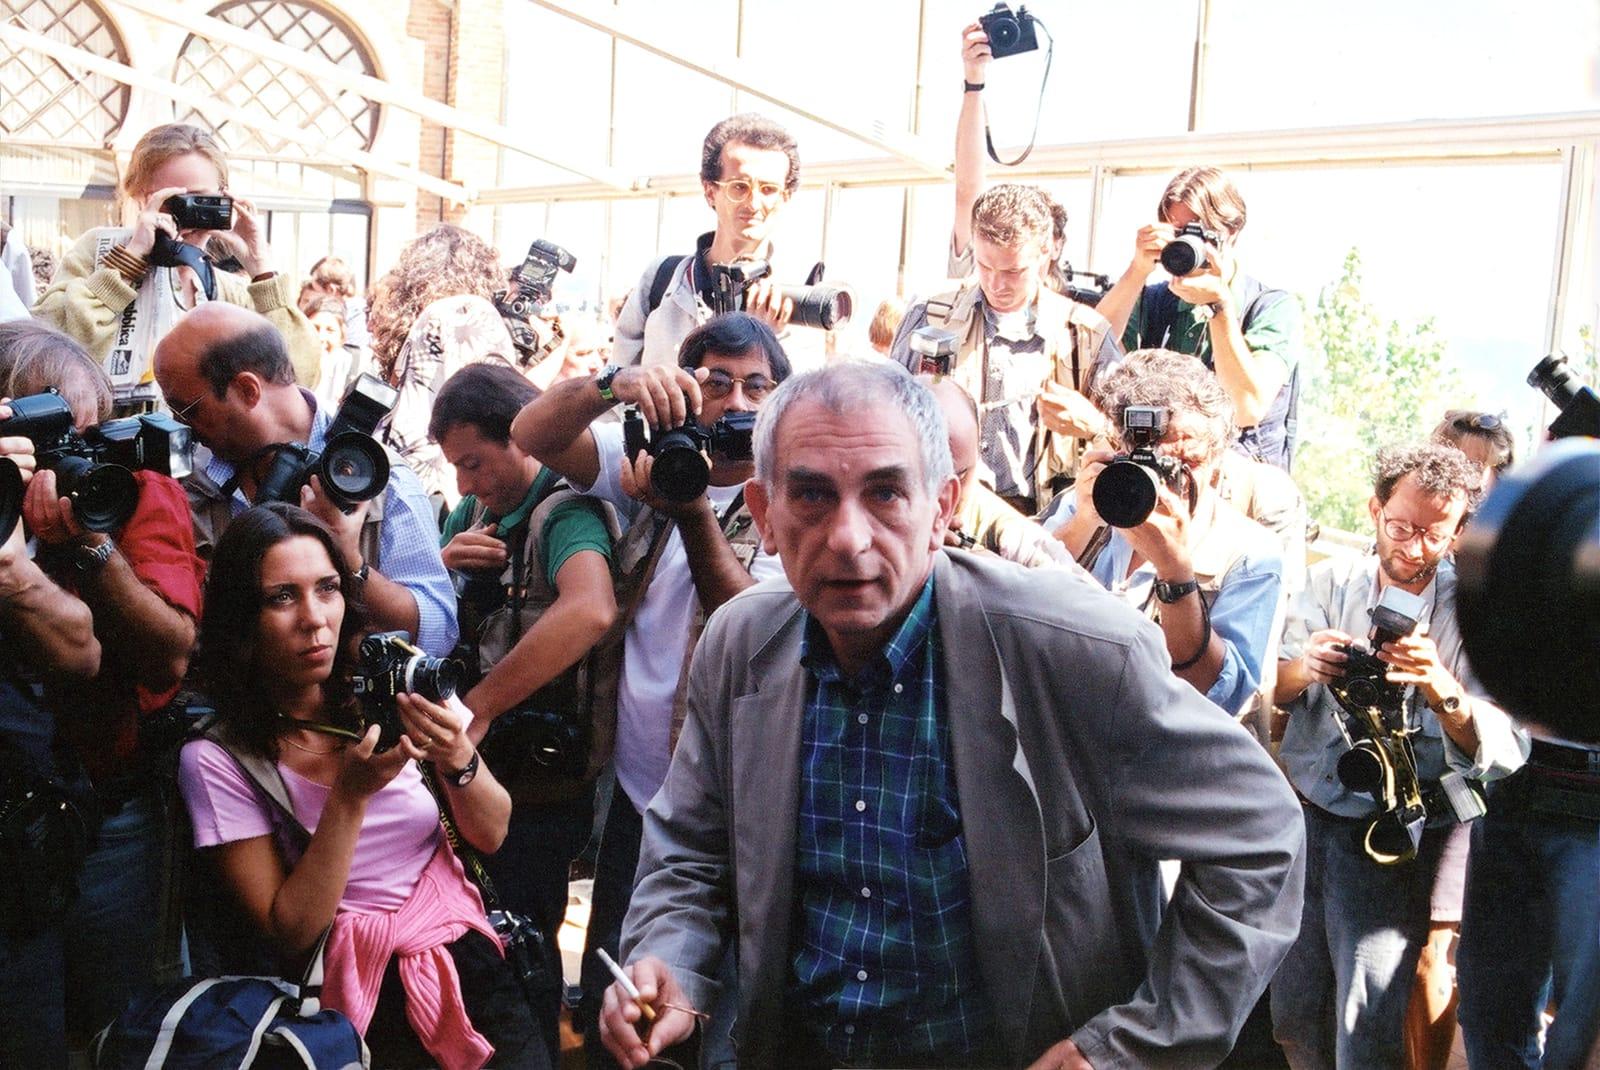 Kieślowski và nhà sản xuất Marin Karmitz đã lên kế hoạch cho các bộ phim được công chiếu liên tiếp tại ba liên hoan phim lớn của châu Âu.